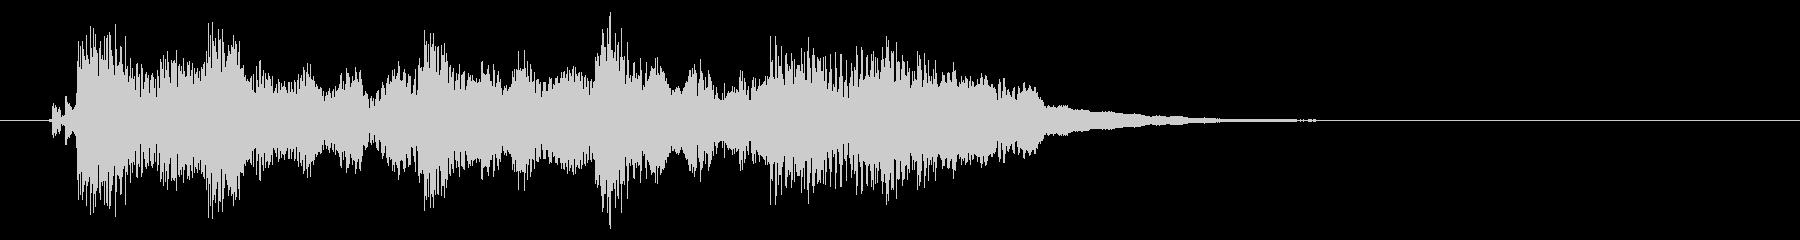 コミカルなシンセリードのジングルの未再生の波形